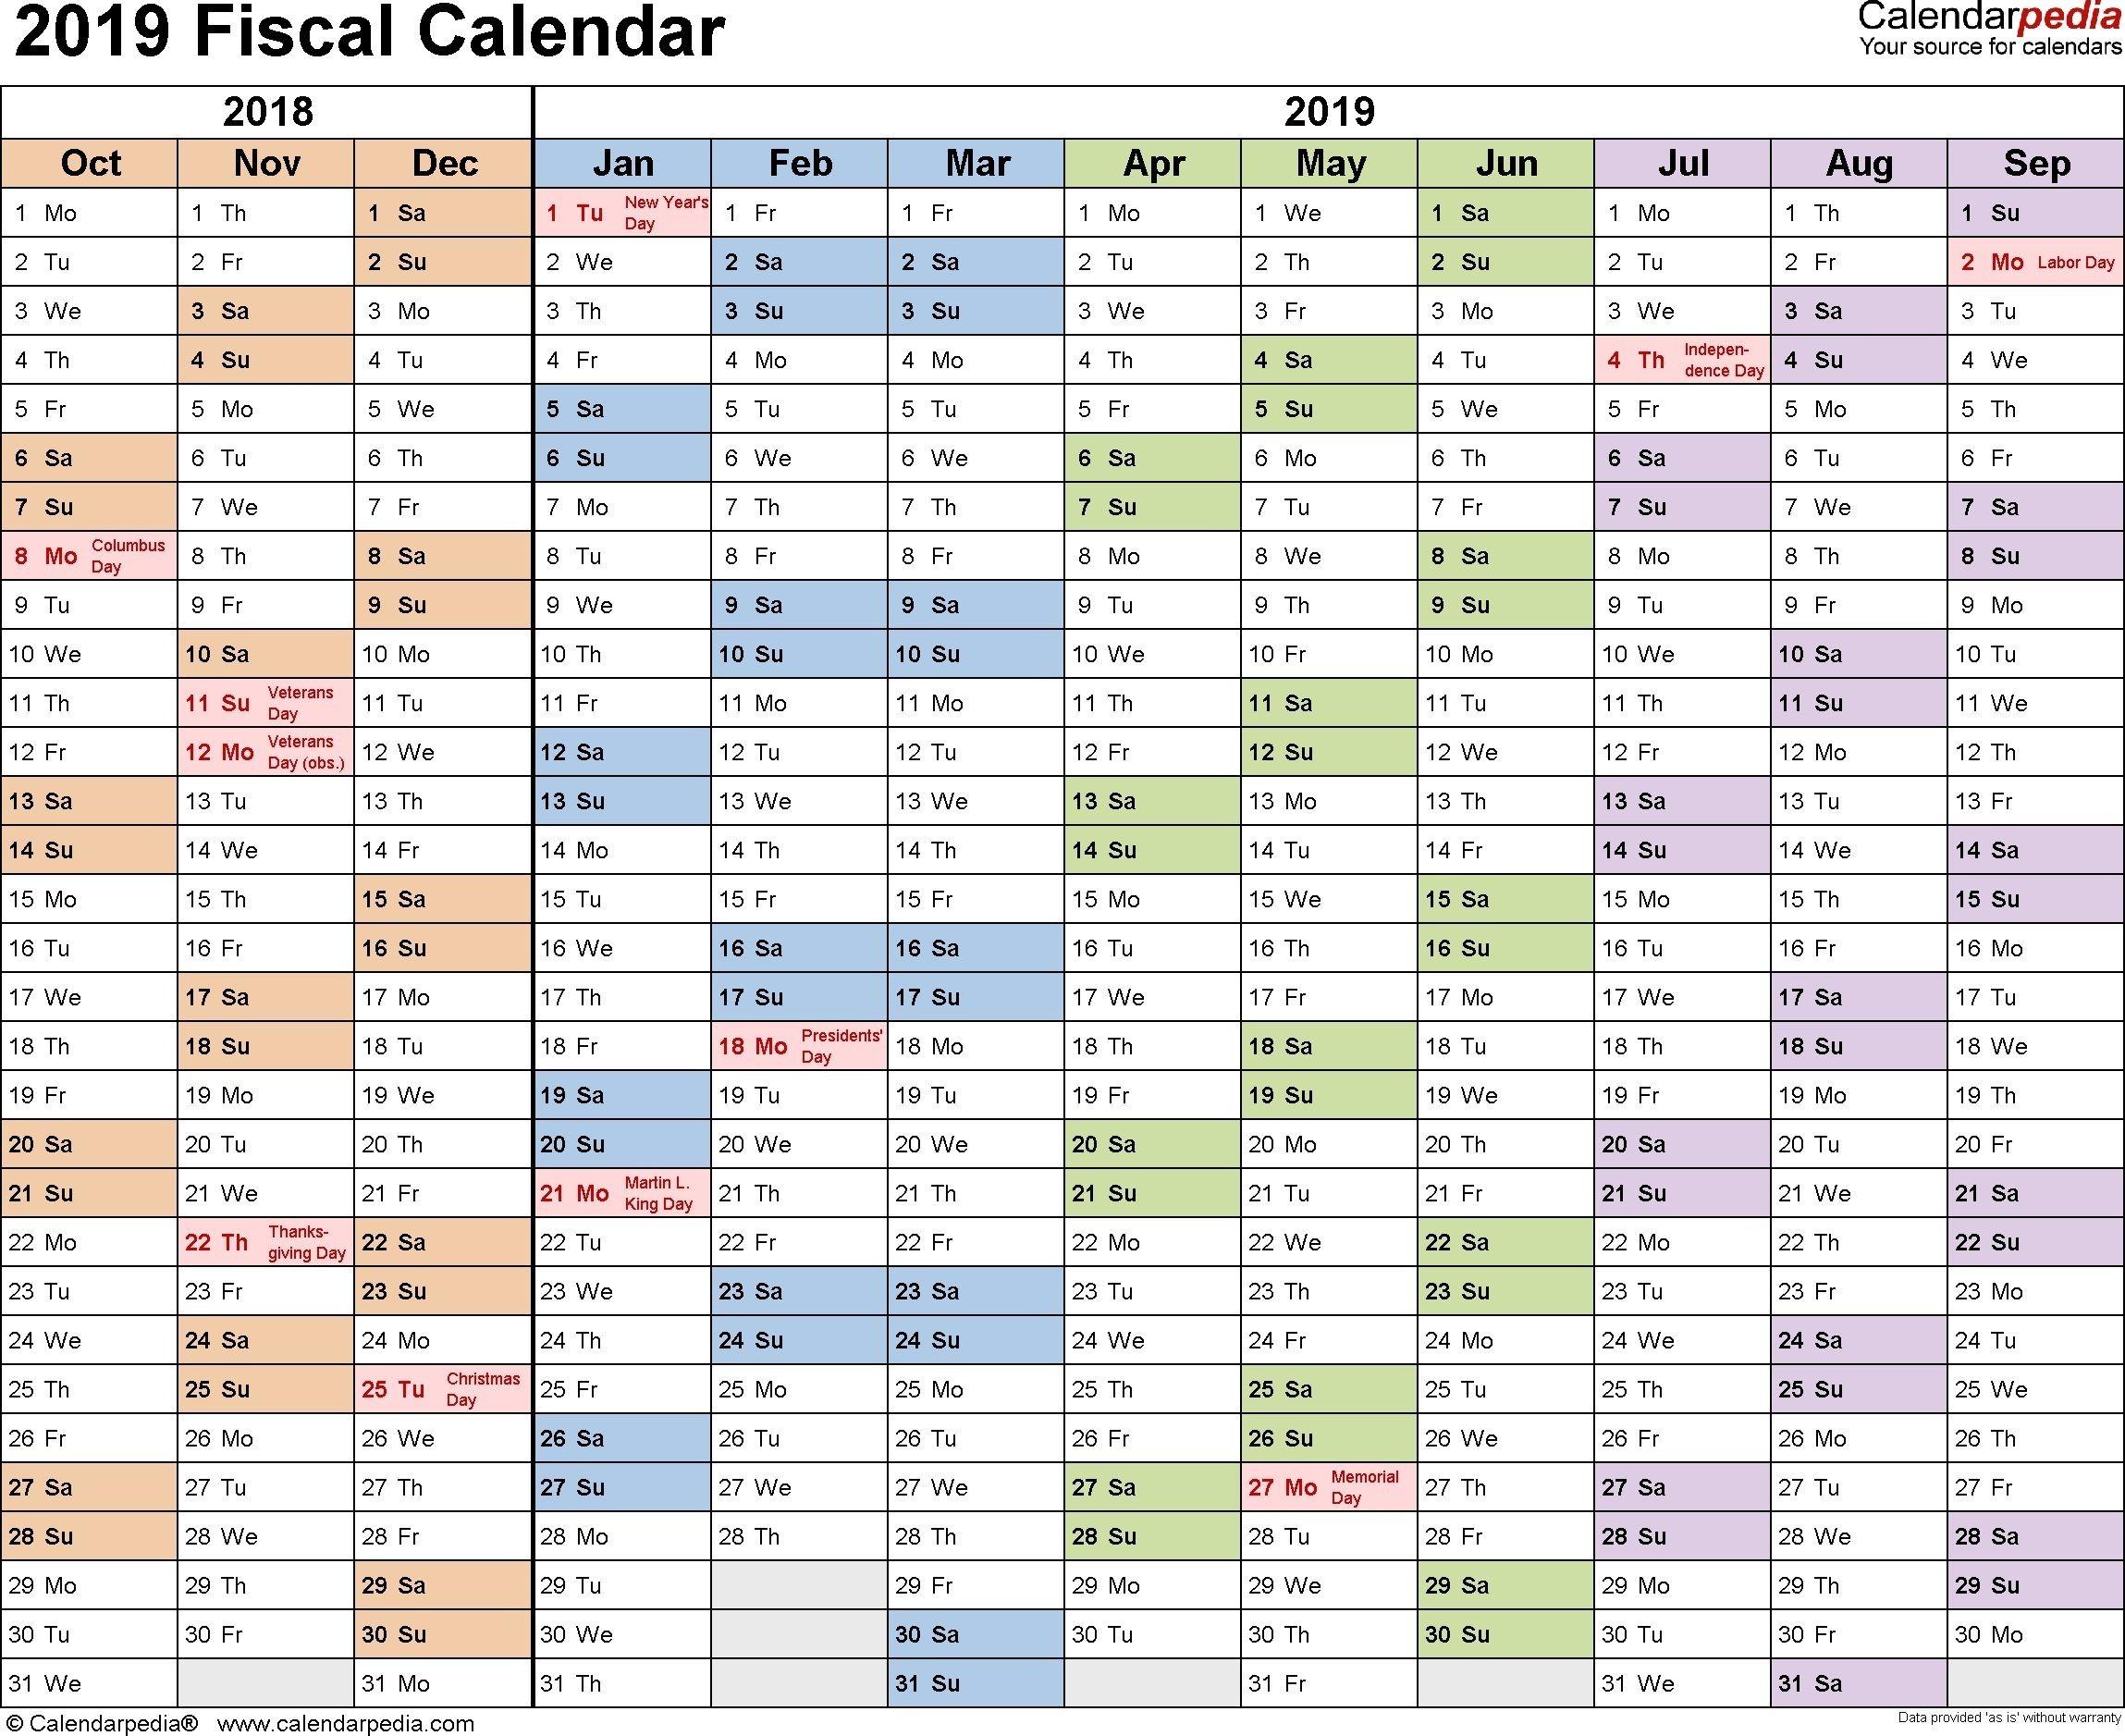 Pin On Calendar Printable Ideas  Depo Provera Injection Schedule Calendar 2021